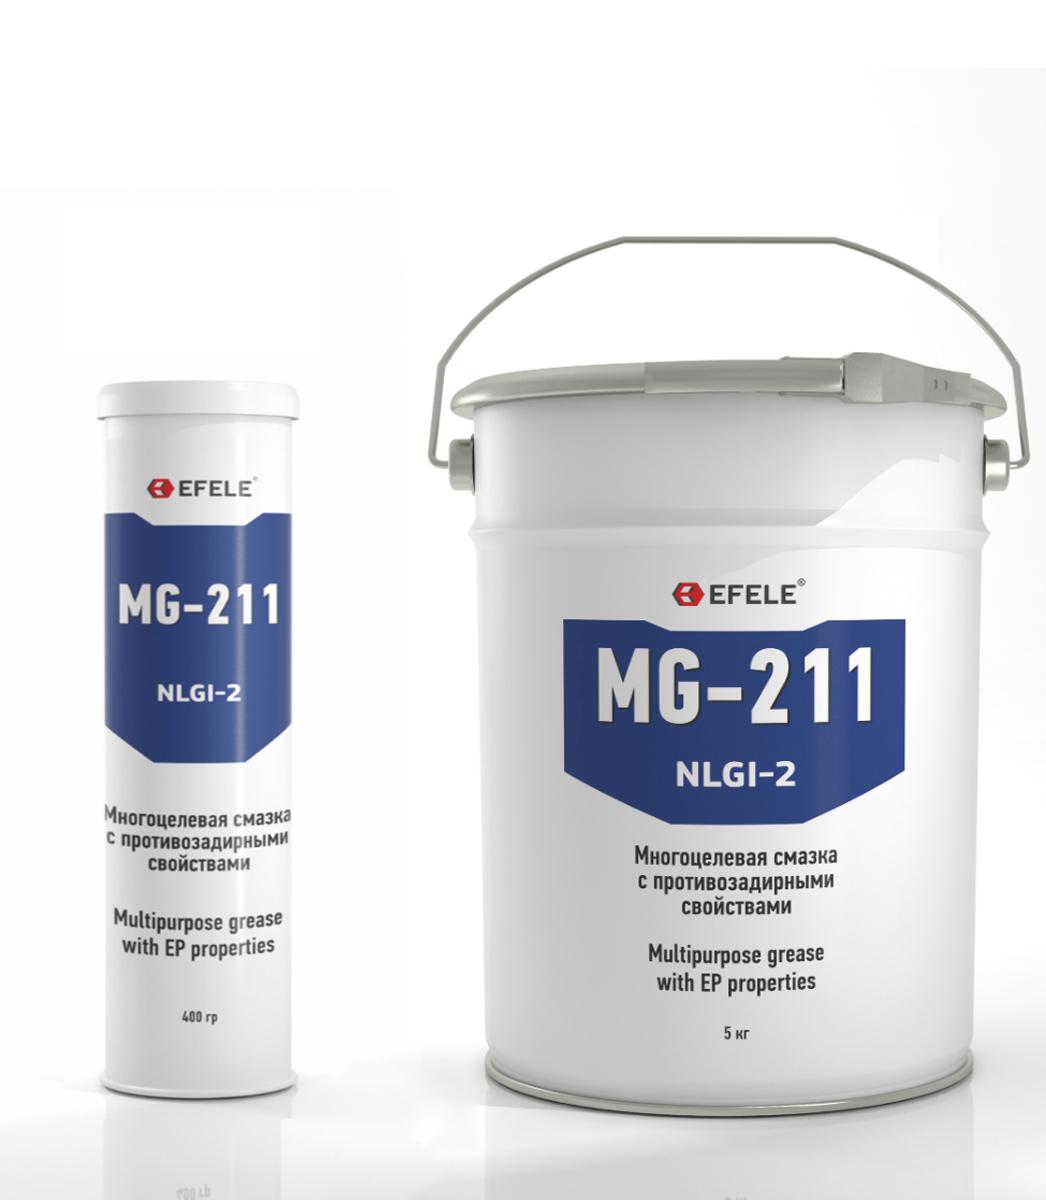 EFELE MG-211